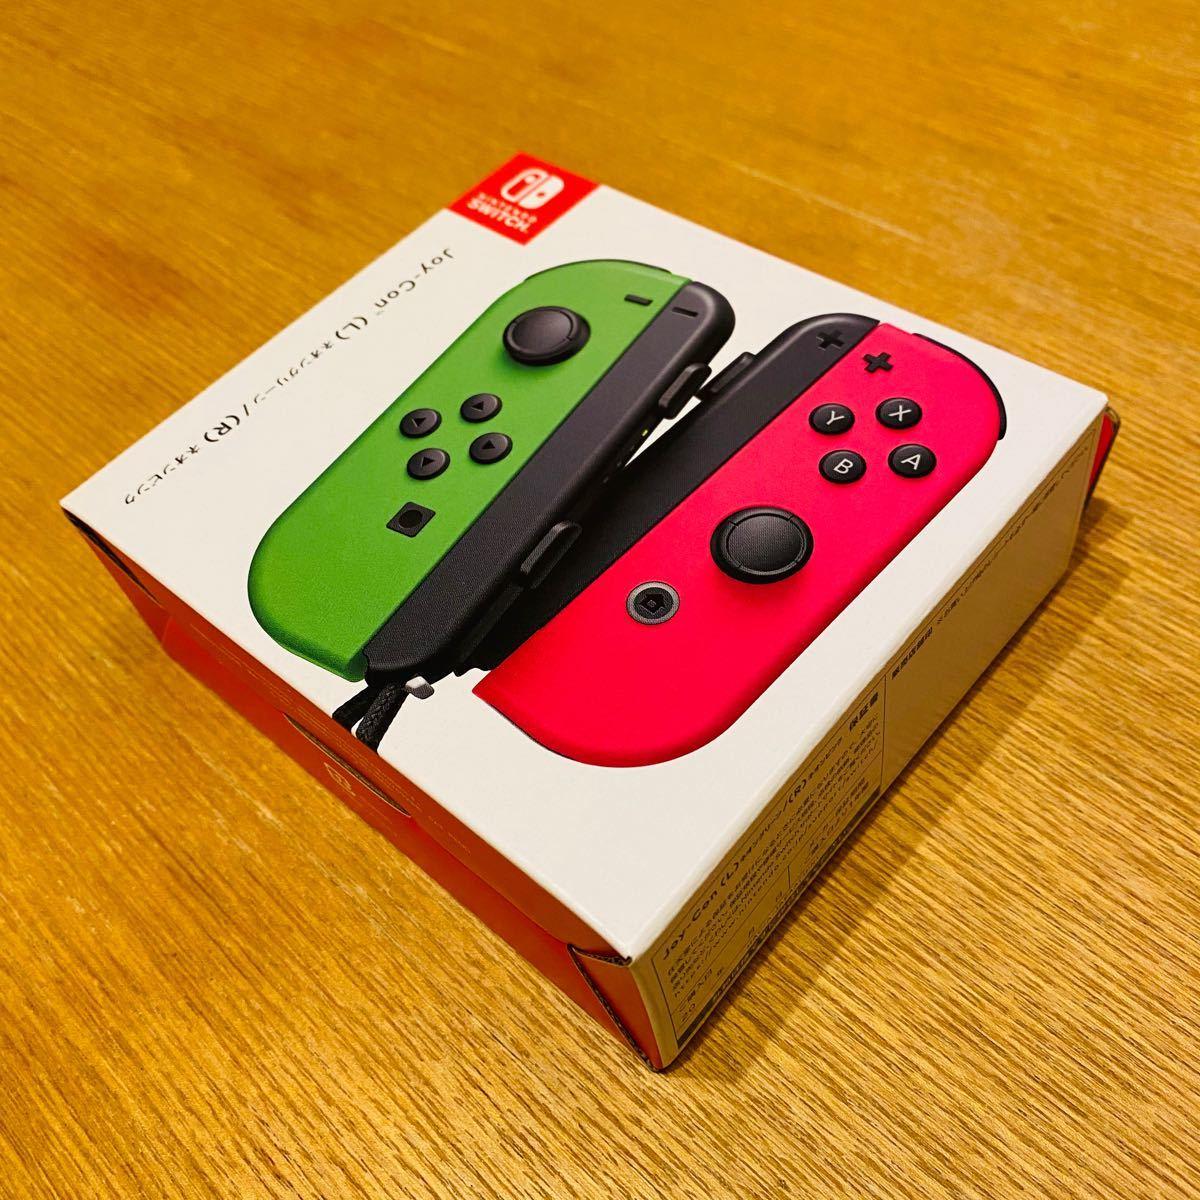 新品 未開封 Nintendo Switch Joy-Con ネオングリーン/ネオンピンク 国内正規品